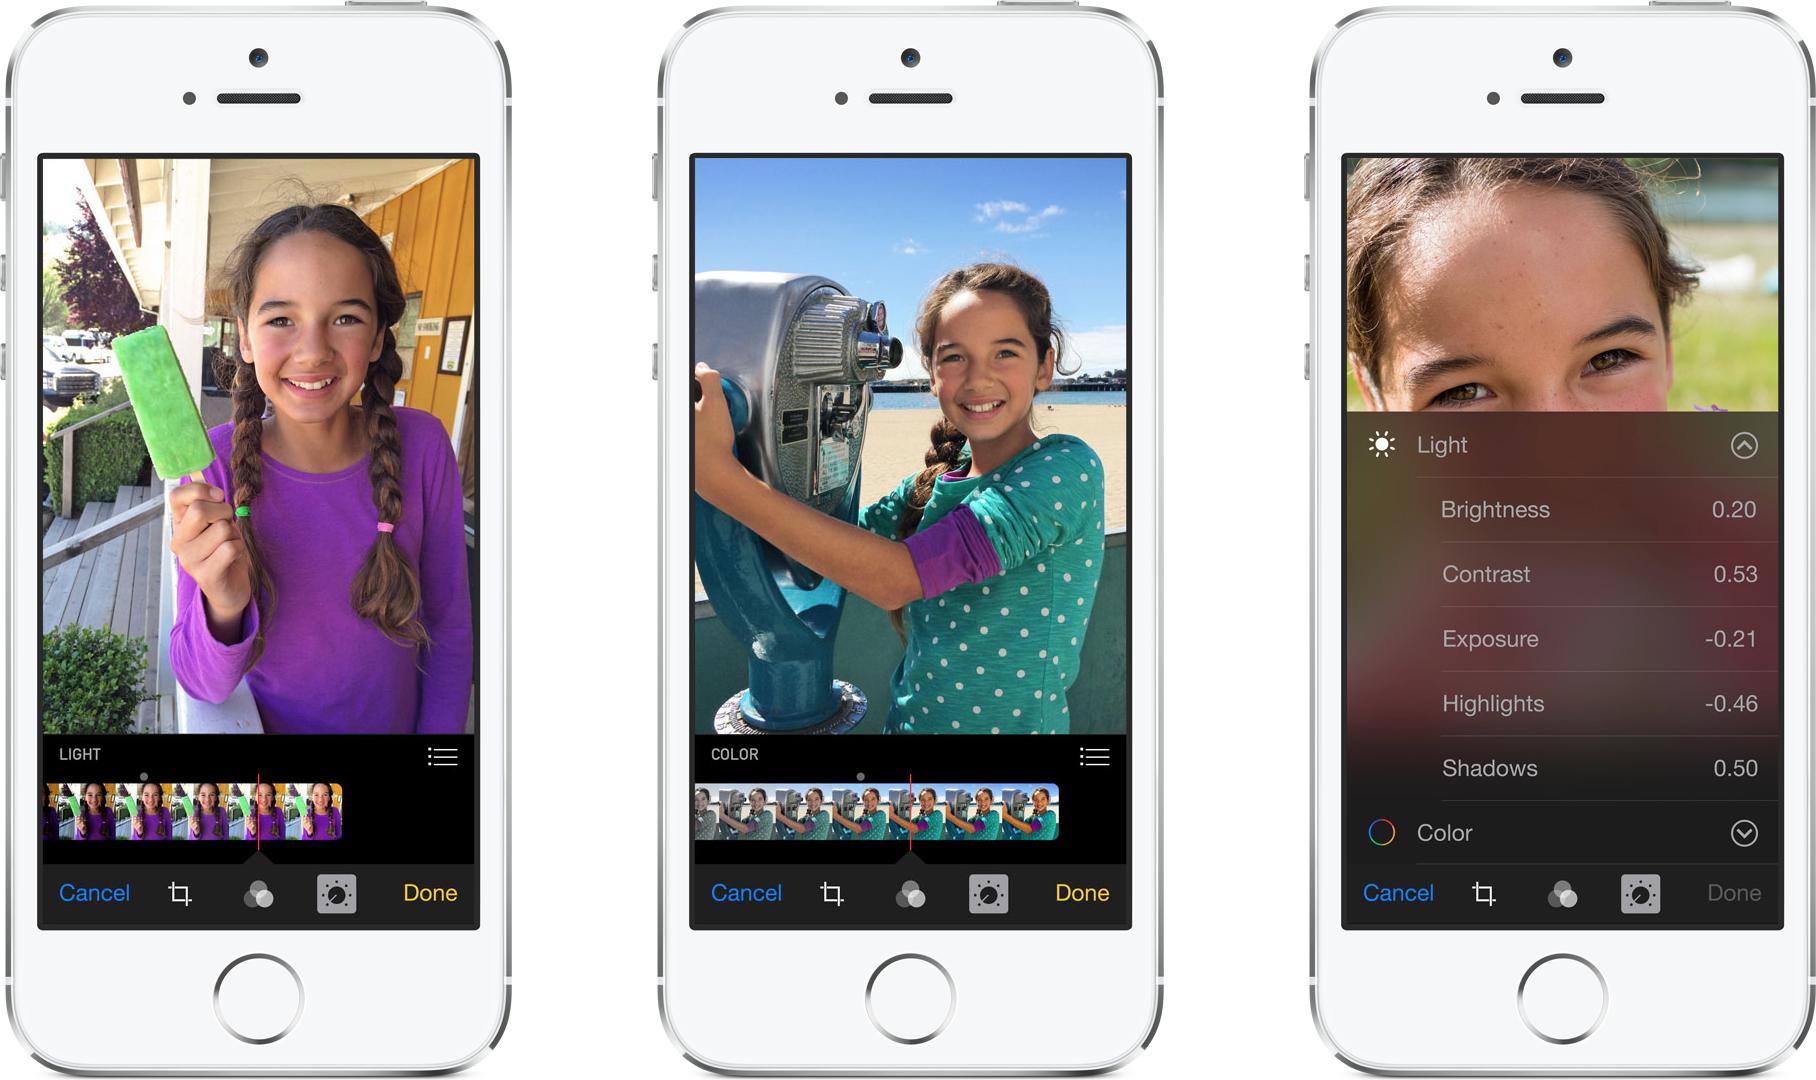 Fotos - iOS 8